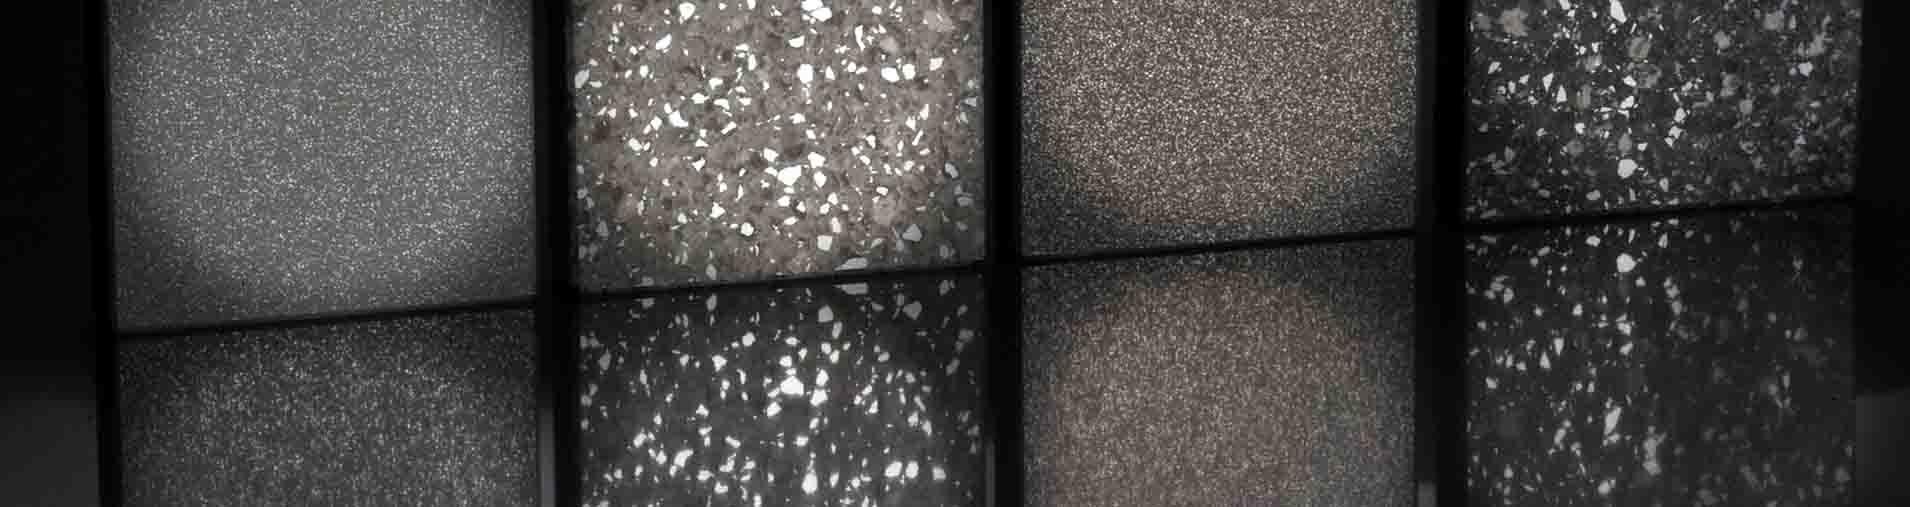 naturstein aus wesseling bei köln - maas gmbh natursteinmanufaktur, Badezimmer ideen